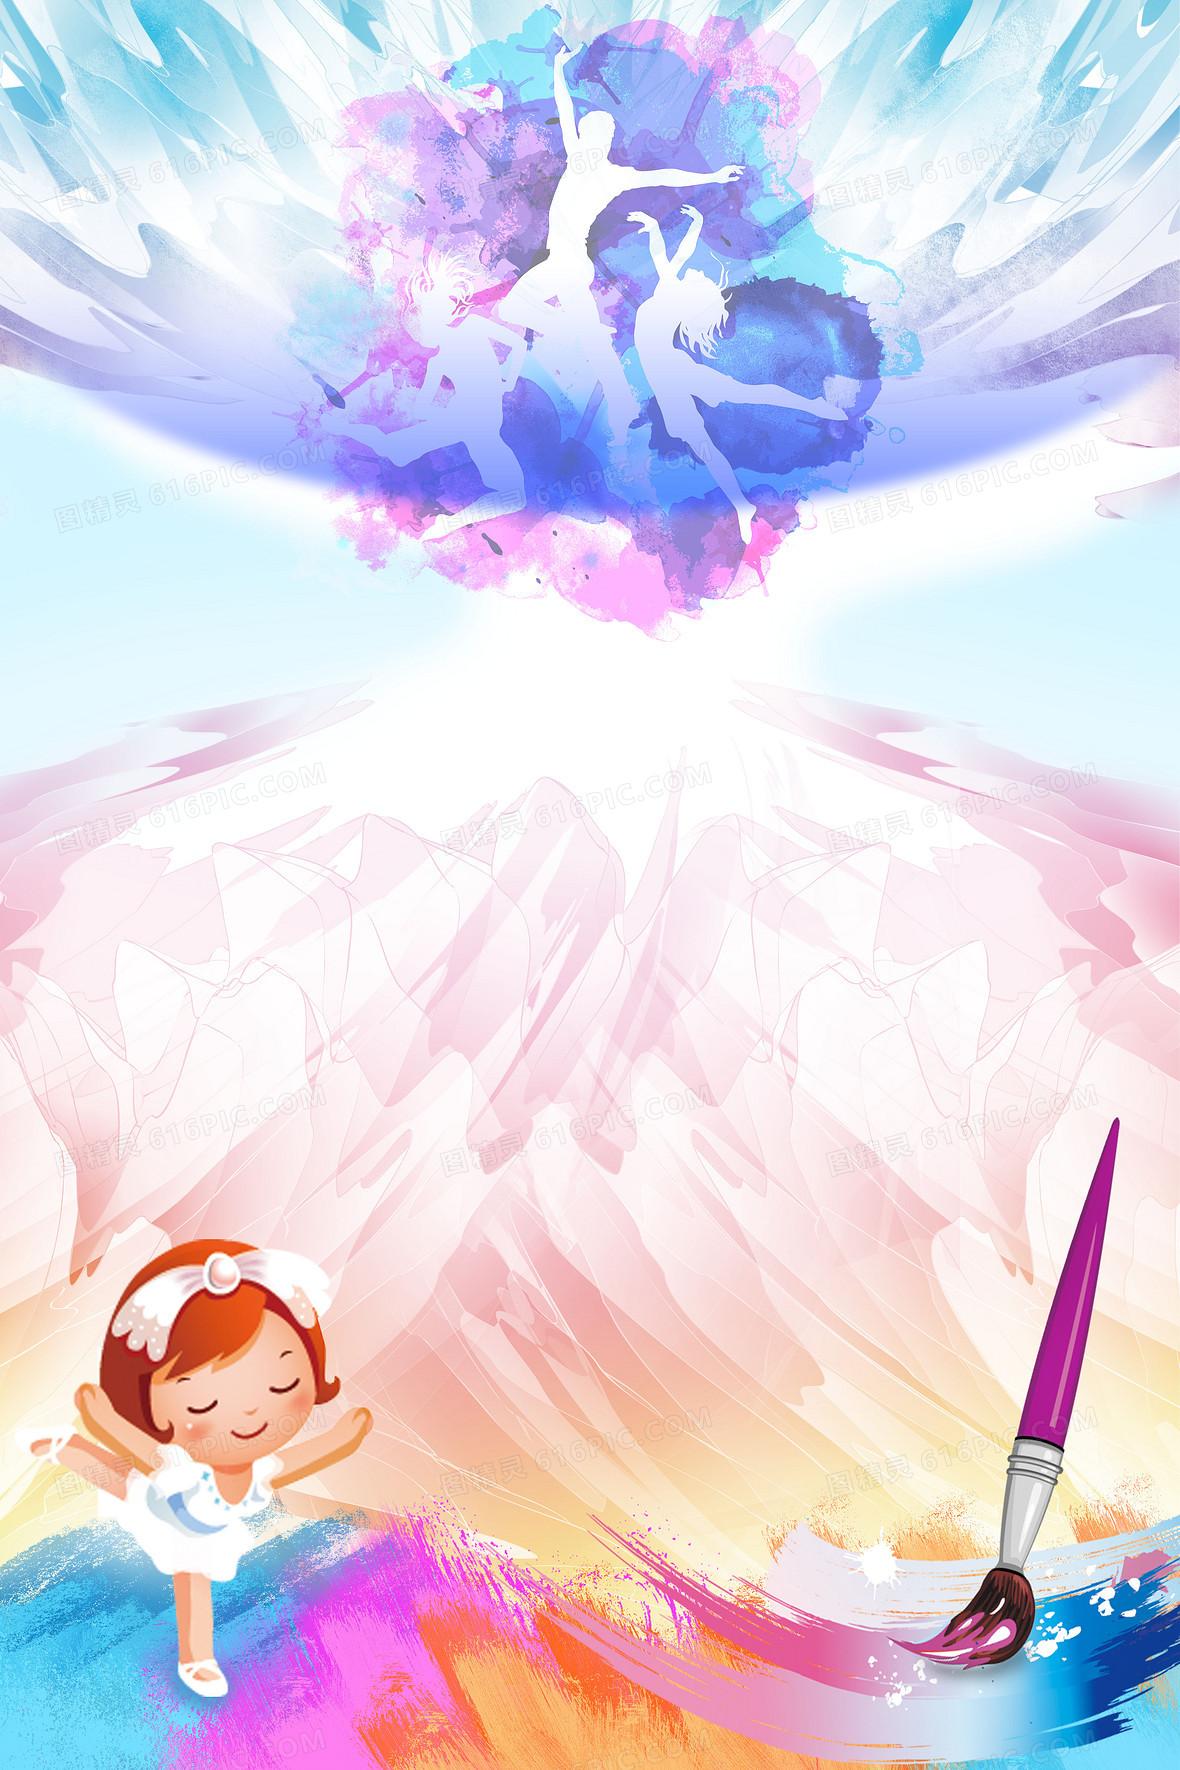 彩绘卡通少儿艺术班培训招生海报背景素材